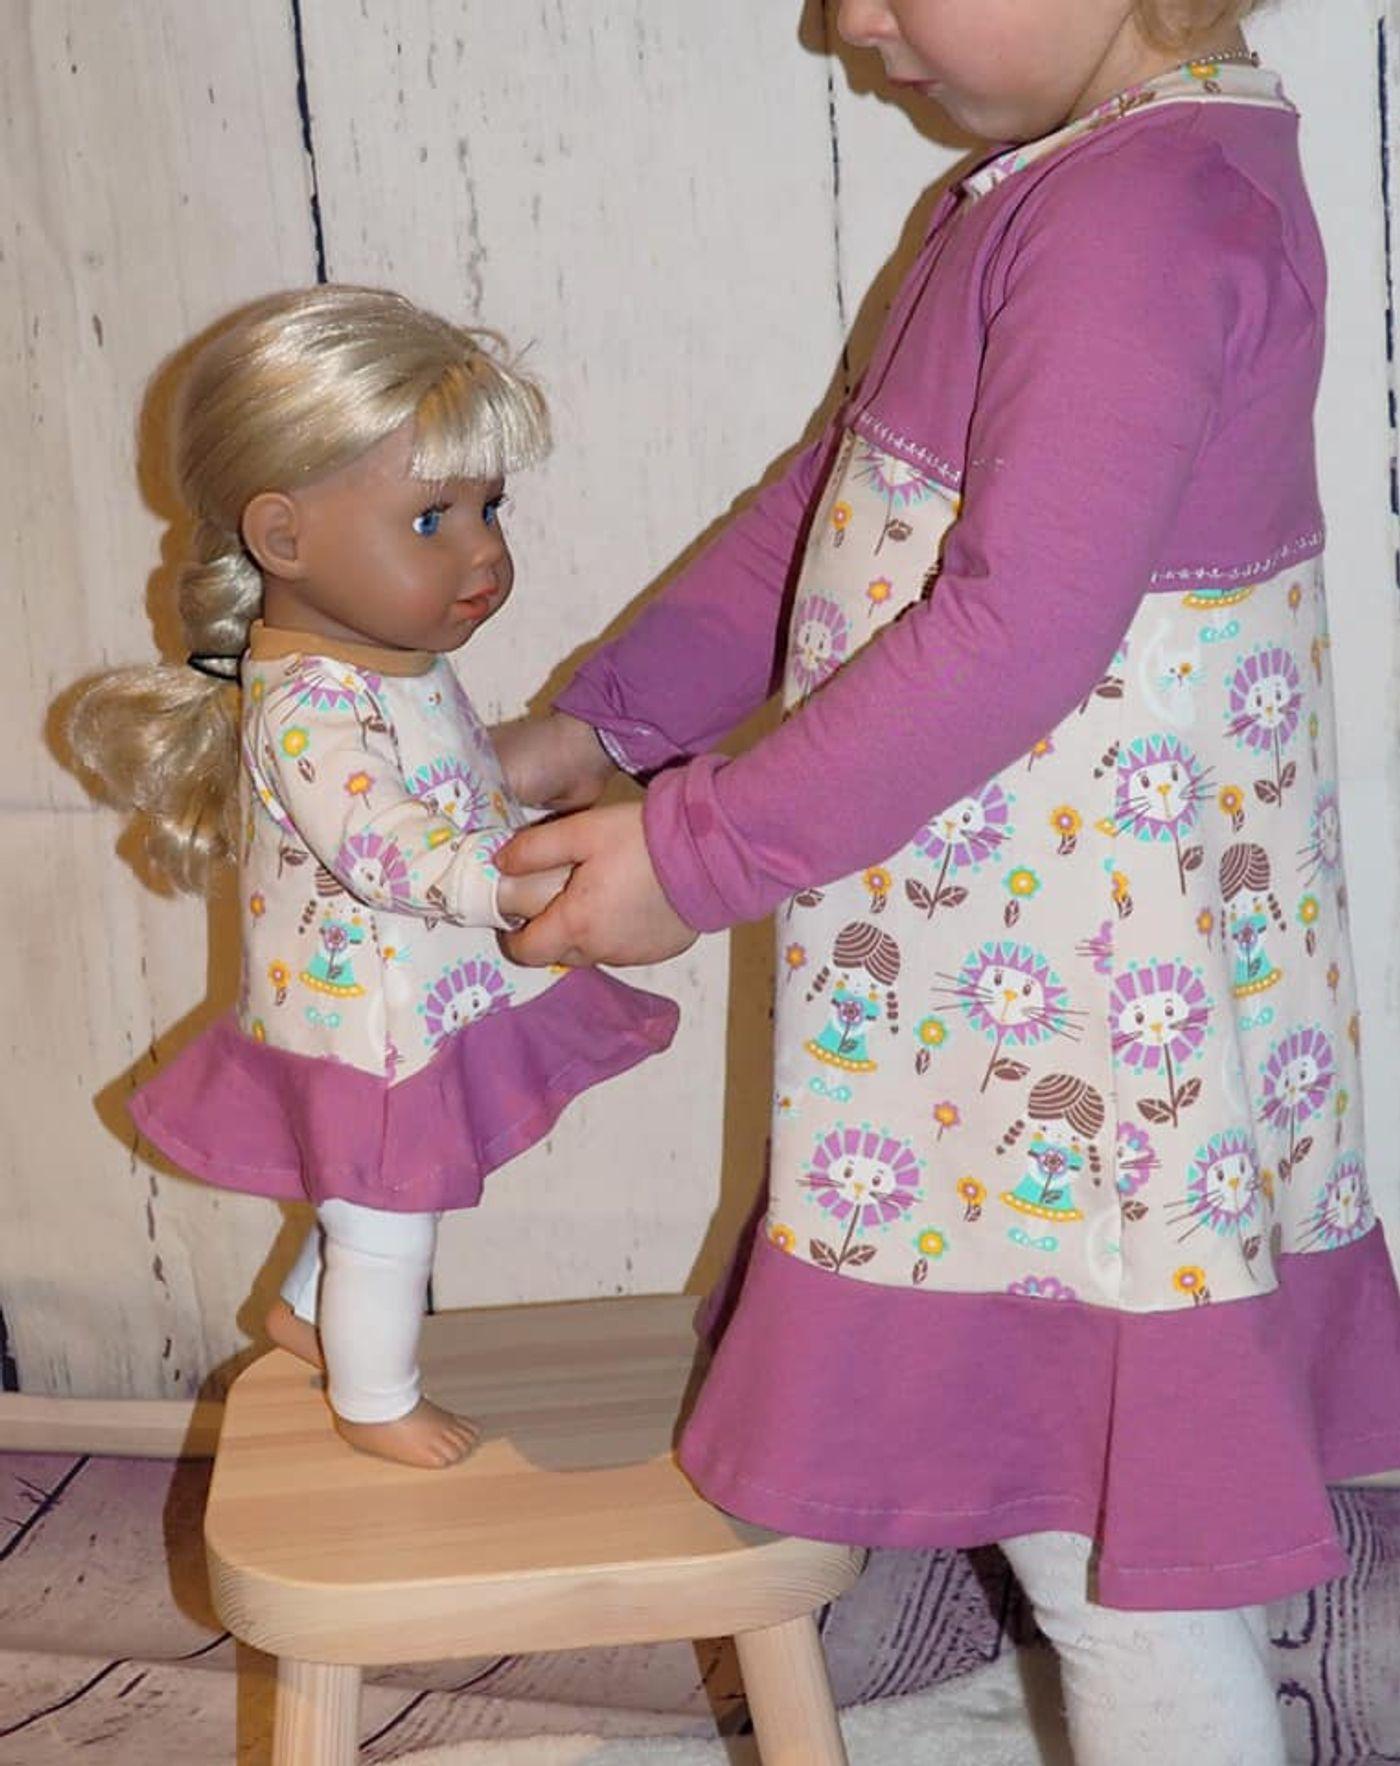 Produktfoto 11 von Happy Pearl für Schnittmuster Little SUNdrina + Happy SUNdrina Tunika/Kleid und 43cm Puppenschnitt